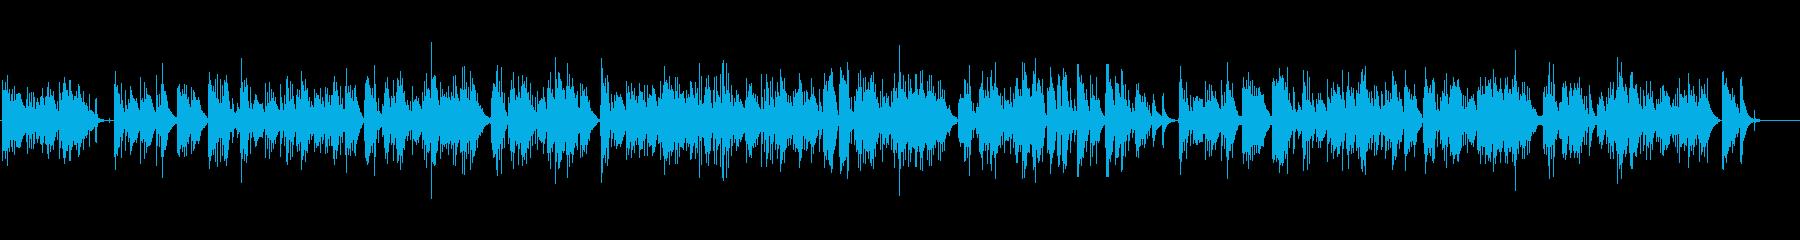 アコギ(ナイロン)でしっとりバラードの再生済みの波形